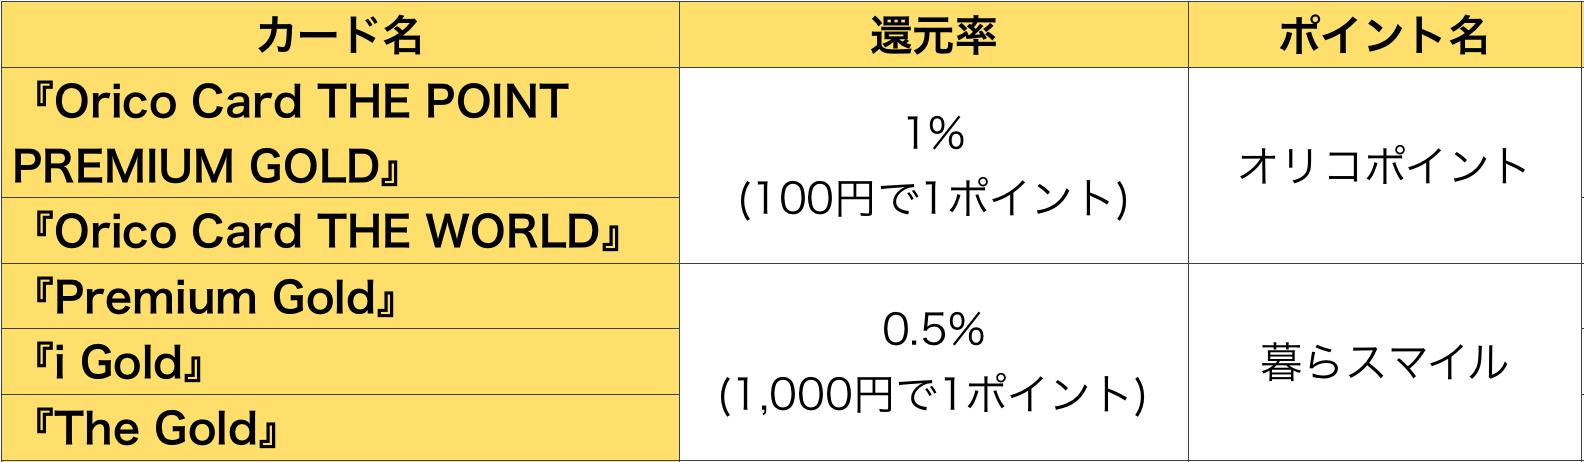 オリコゴールドカード ポイント還元率とポイントの種類